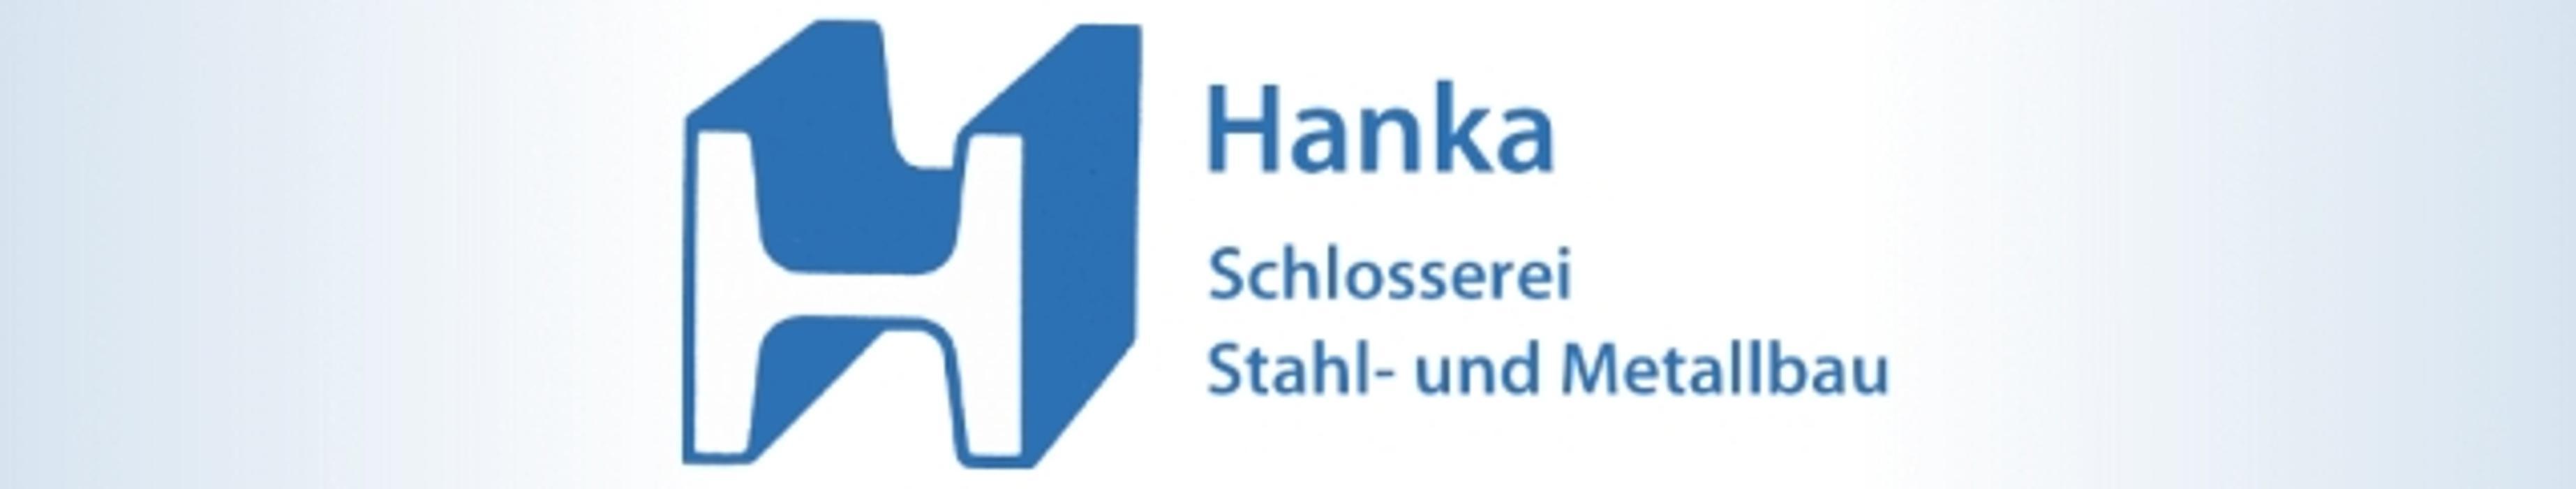 Bild zu Hanka Stahl- und Metallbau GmbH & Co. KG in Karlsruhe